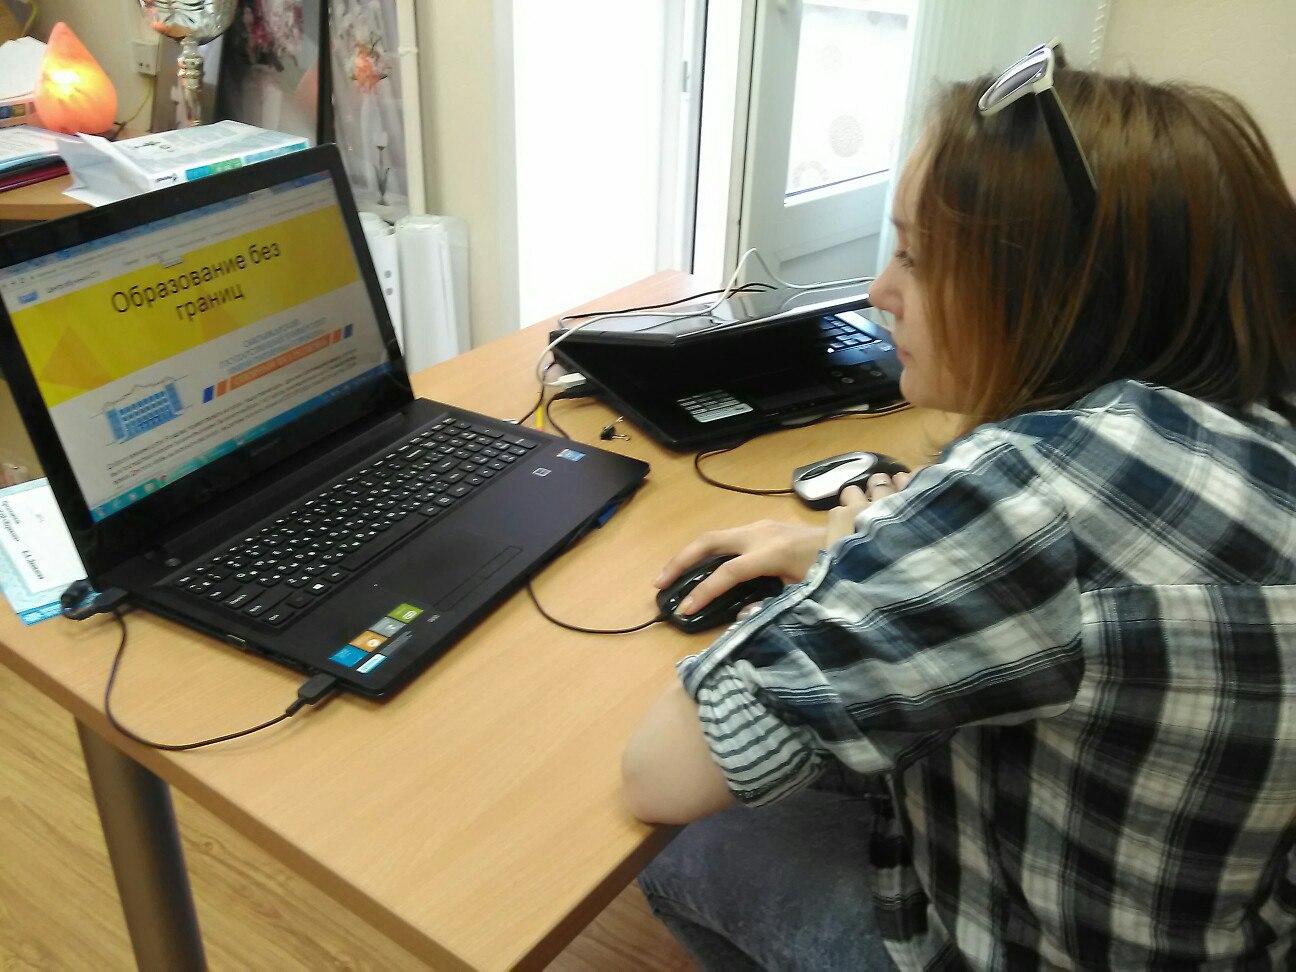 Людей с инвалидностью Коми бесплатно обучают работе на компьютере